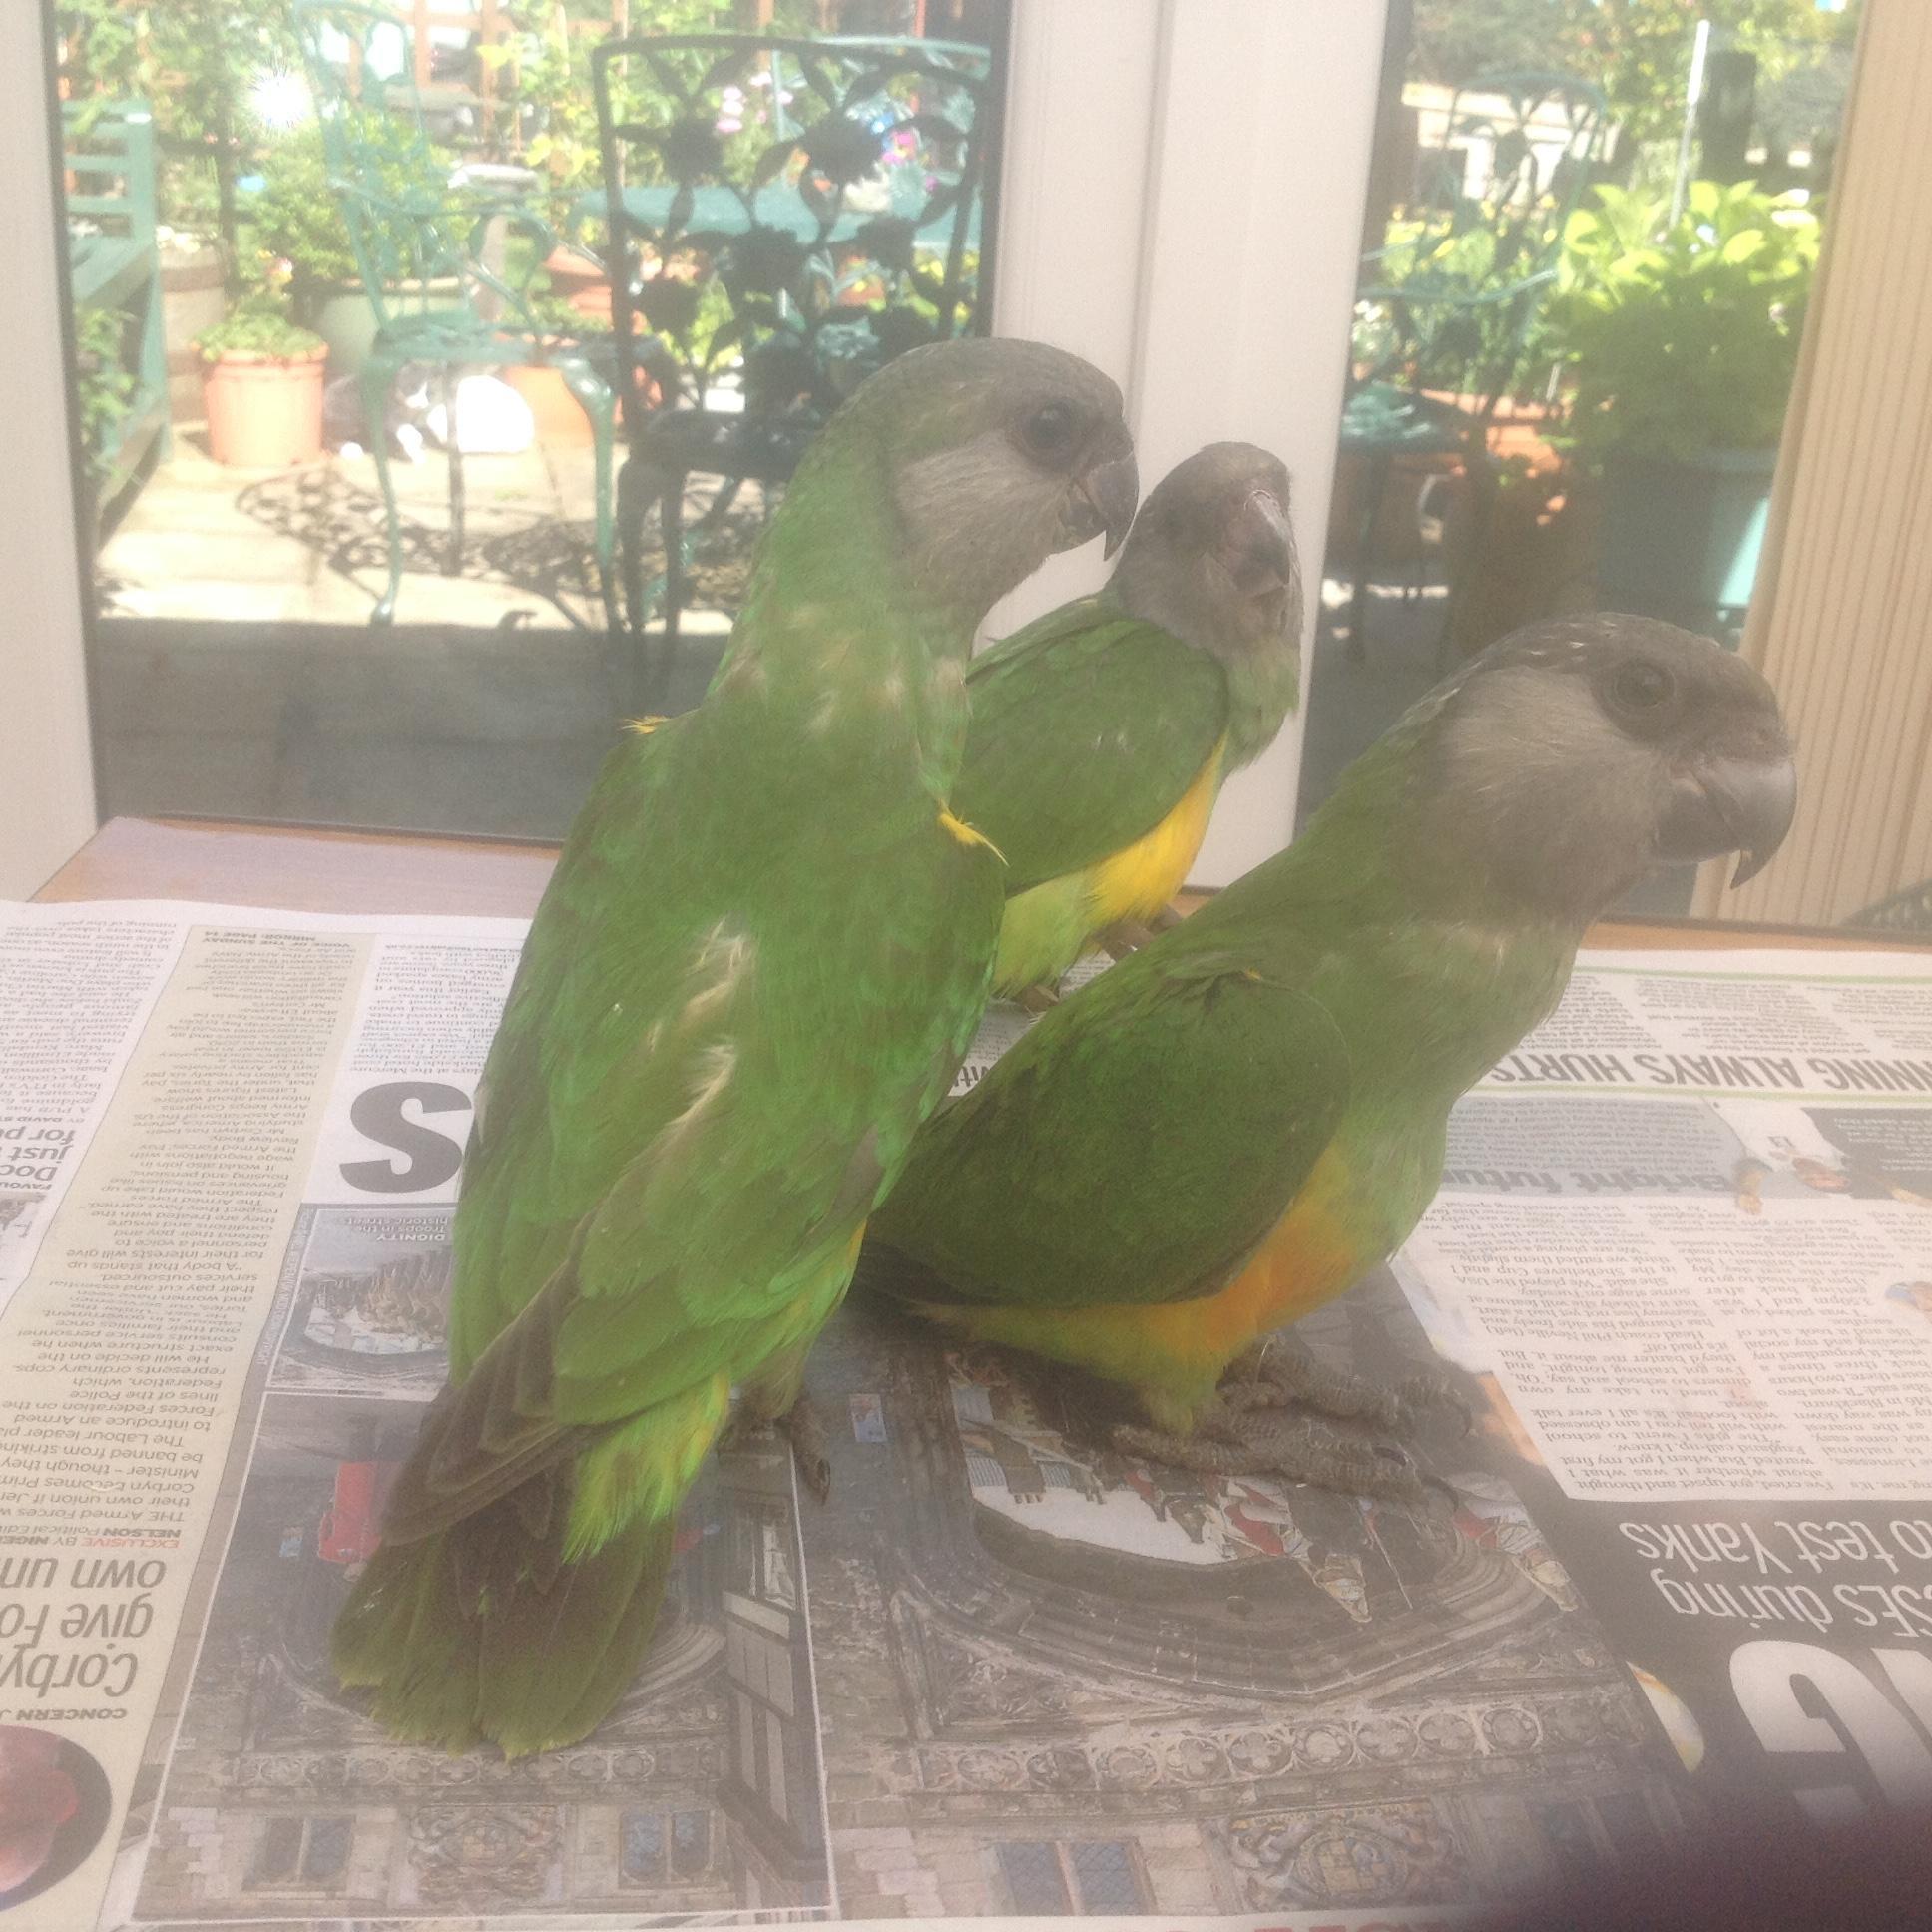 Senagle Parrots in Ashford - Sold | Friday-Ad